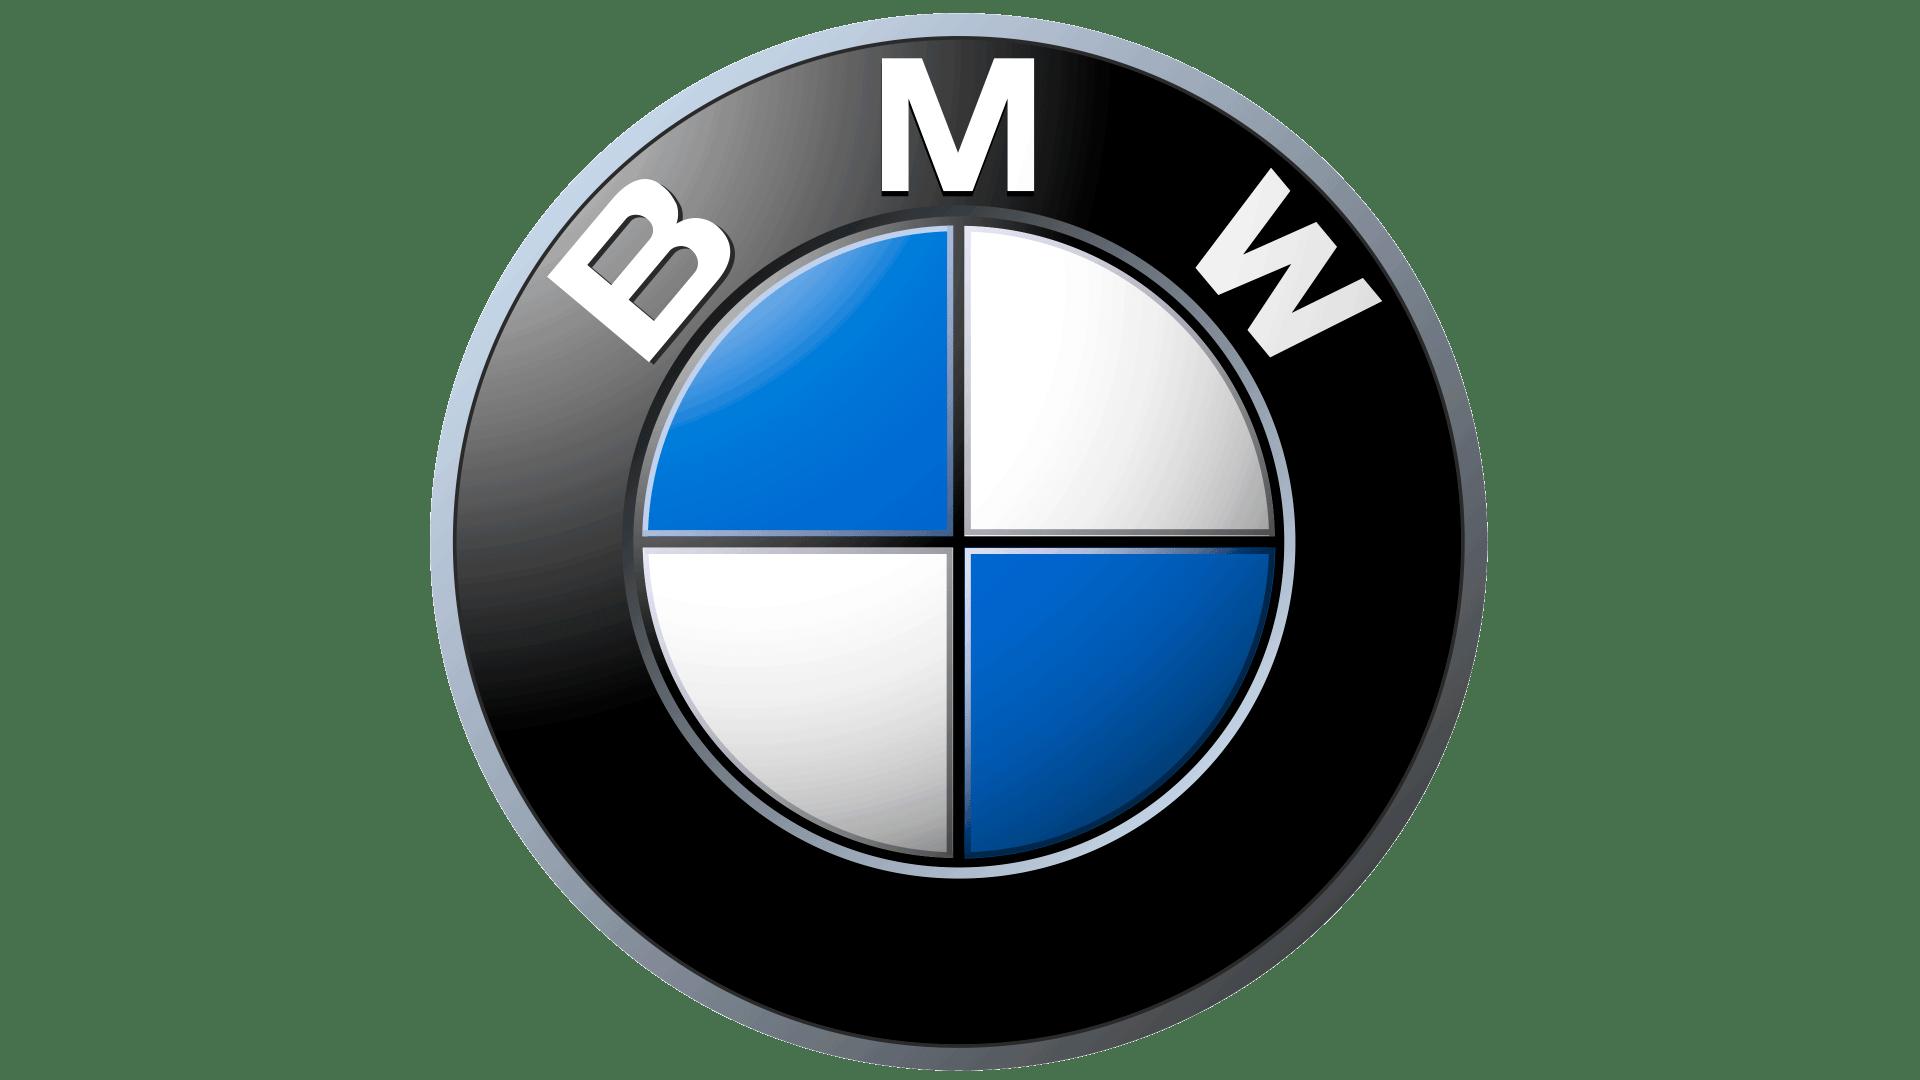 Логотип BMW (Bayerische Motoren Werke)